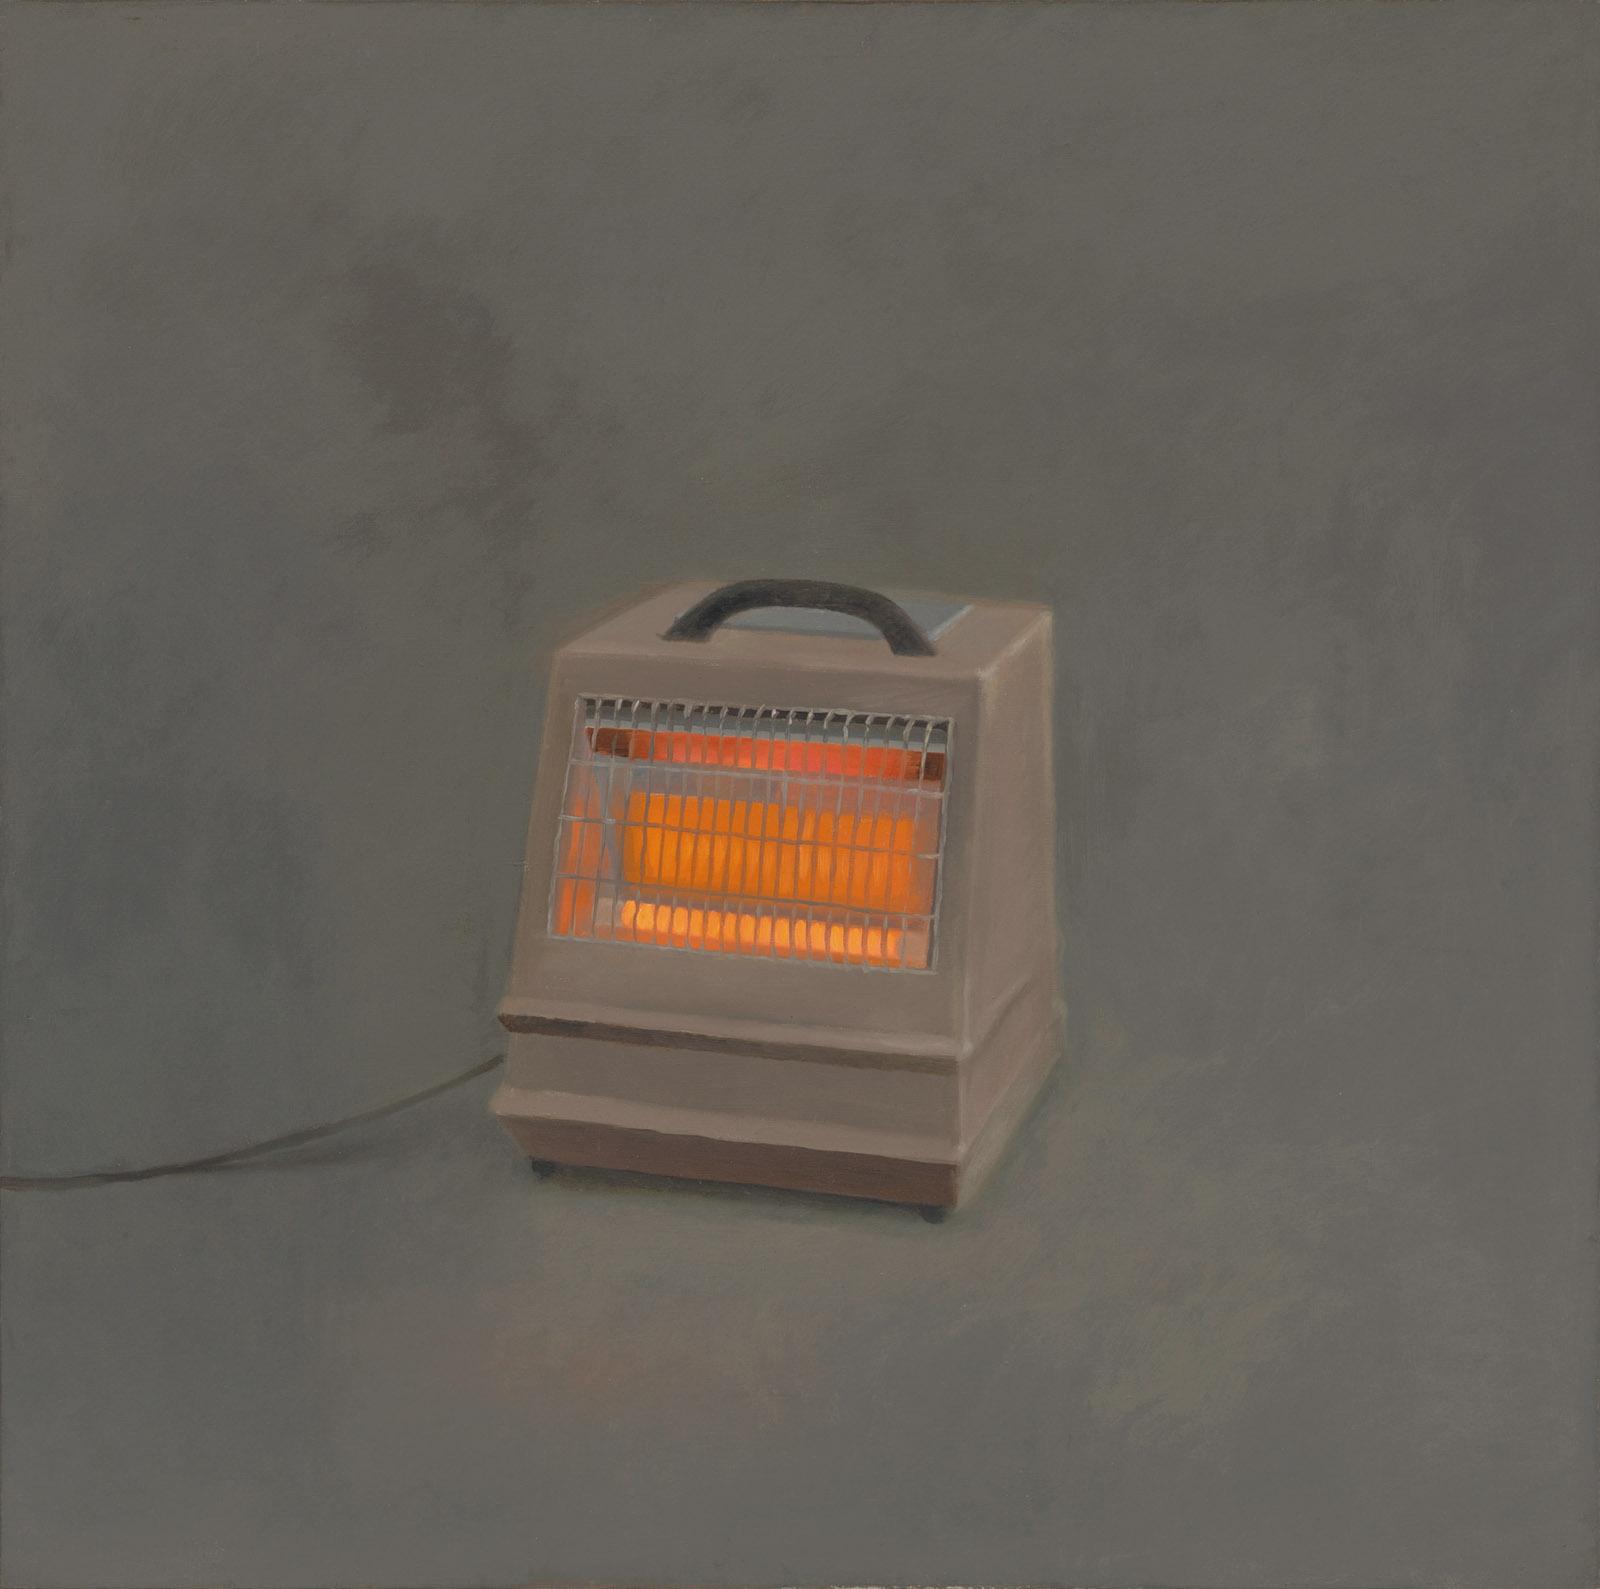 Heater by Vija Celmins